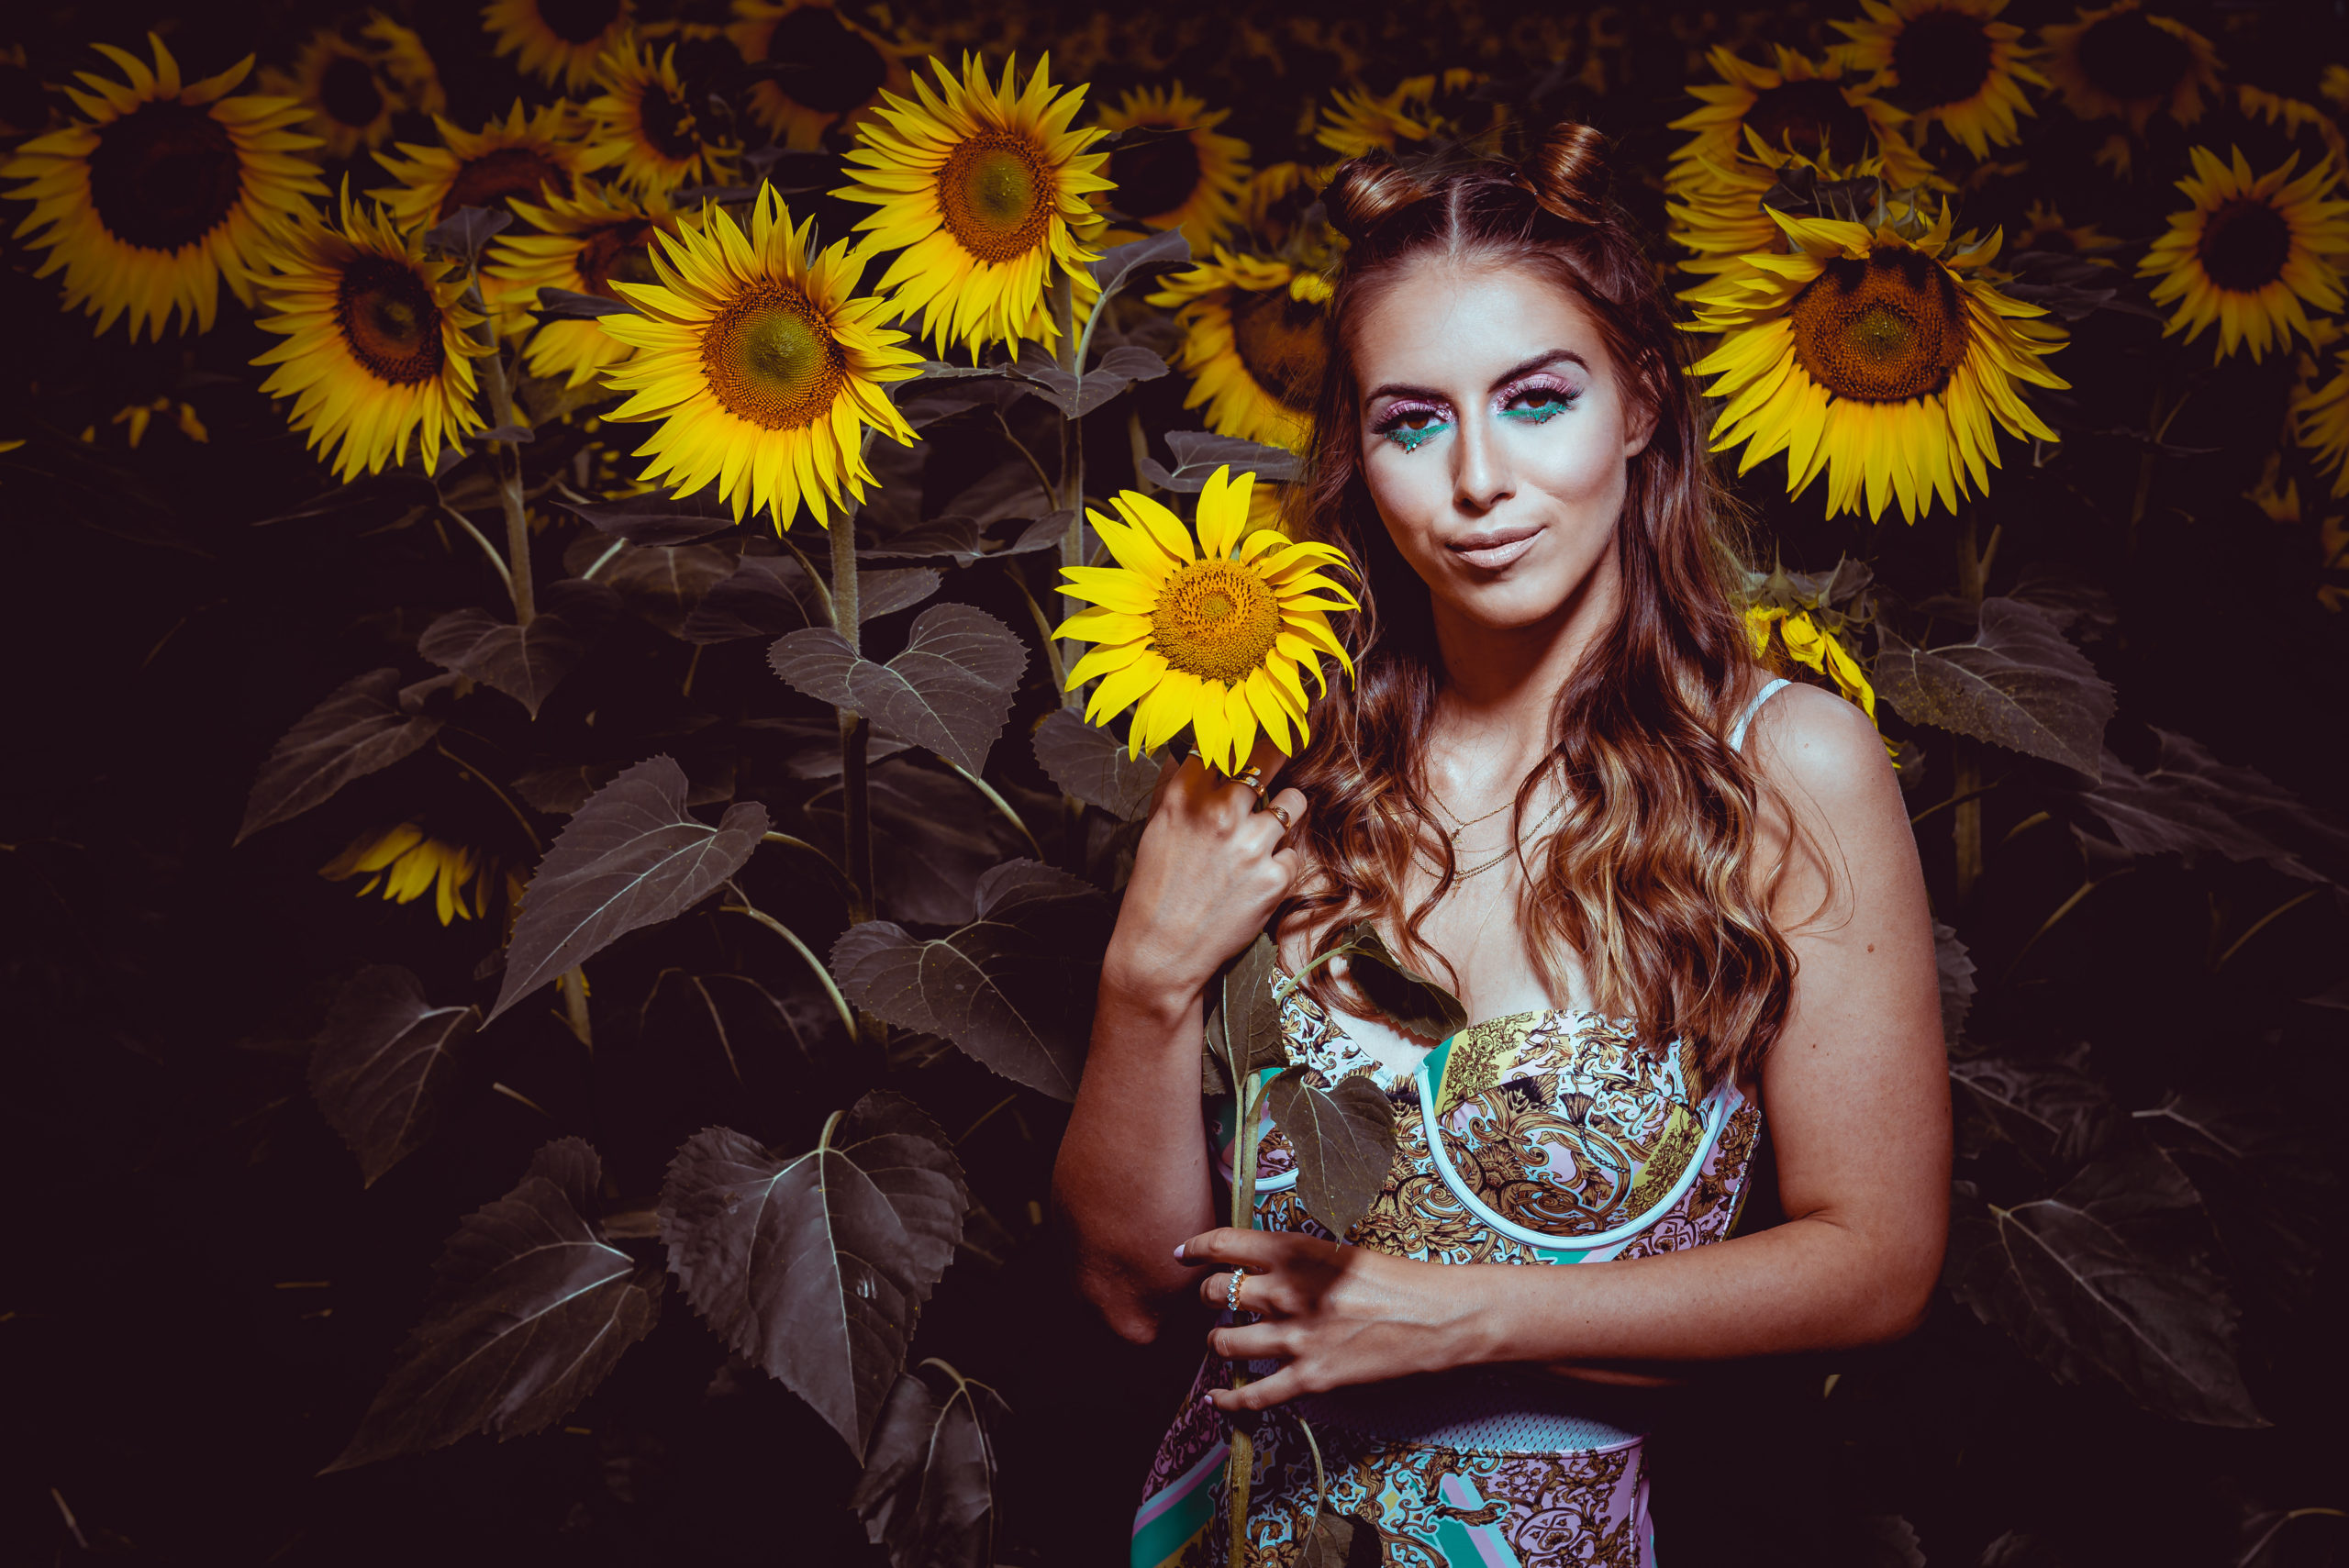 Nicole_beauty_22